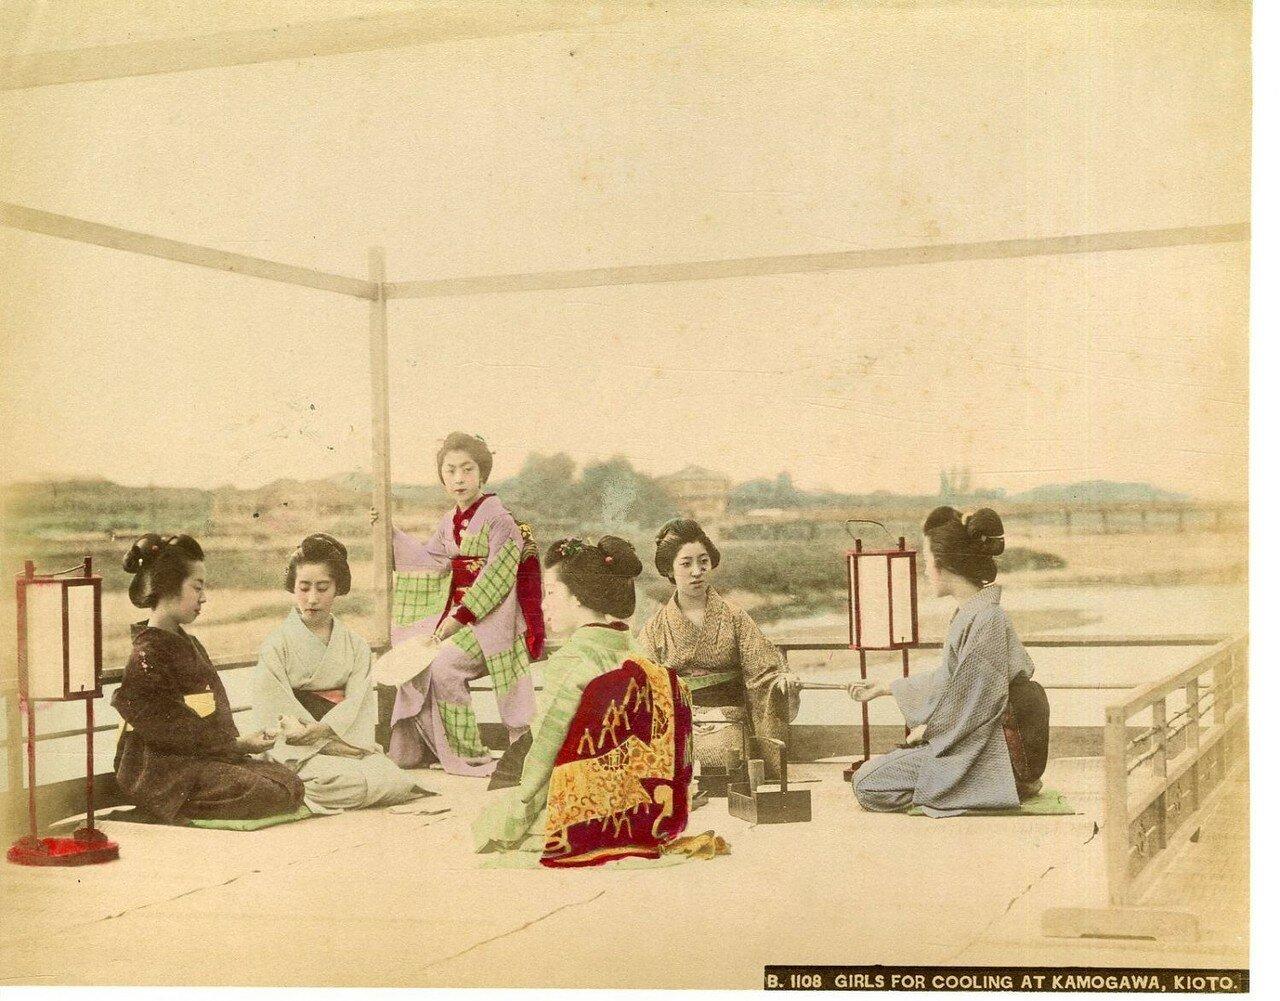 Киото. Девушки наслаждаются прохладой в Камогаве